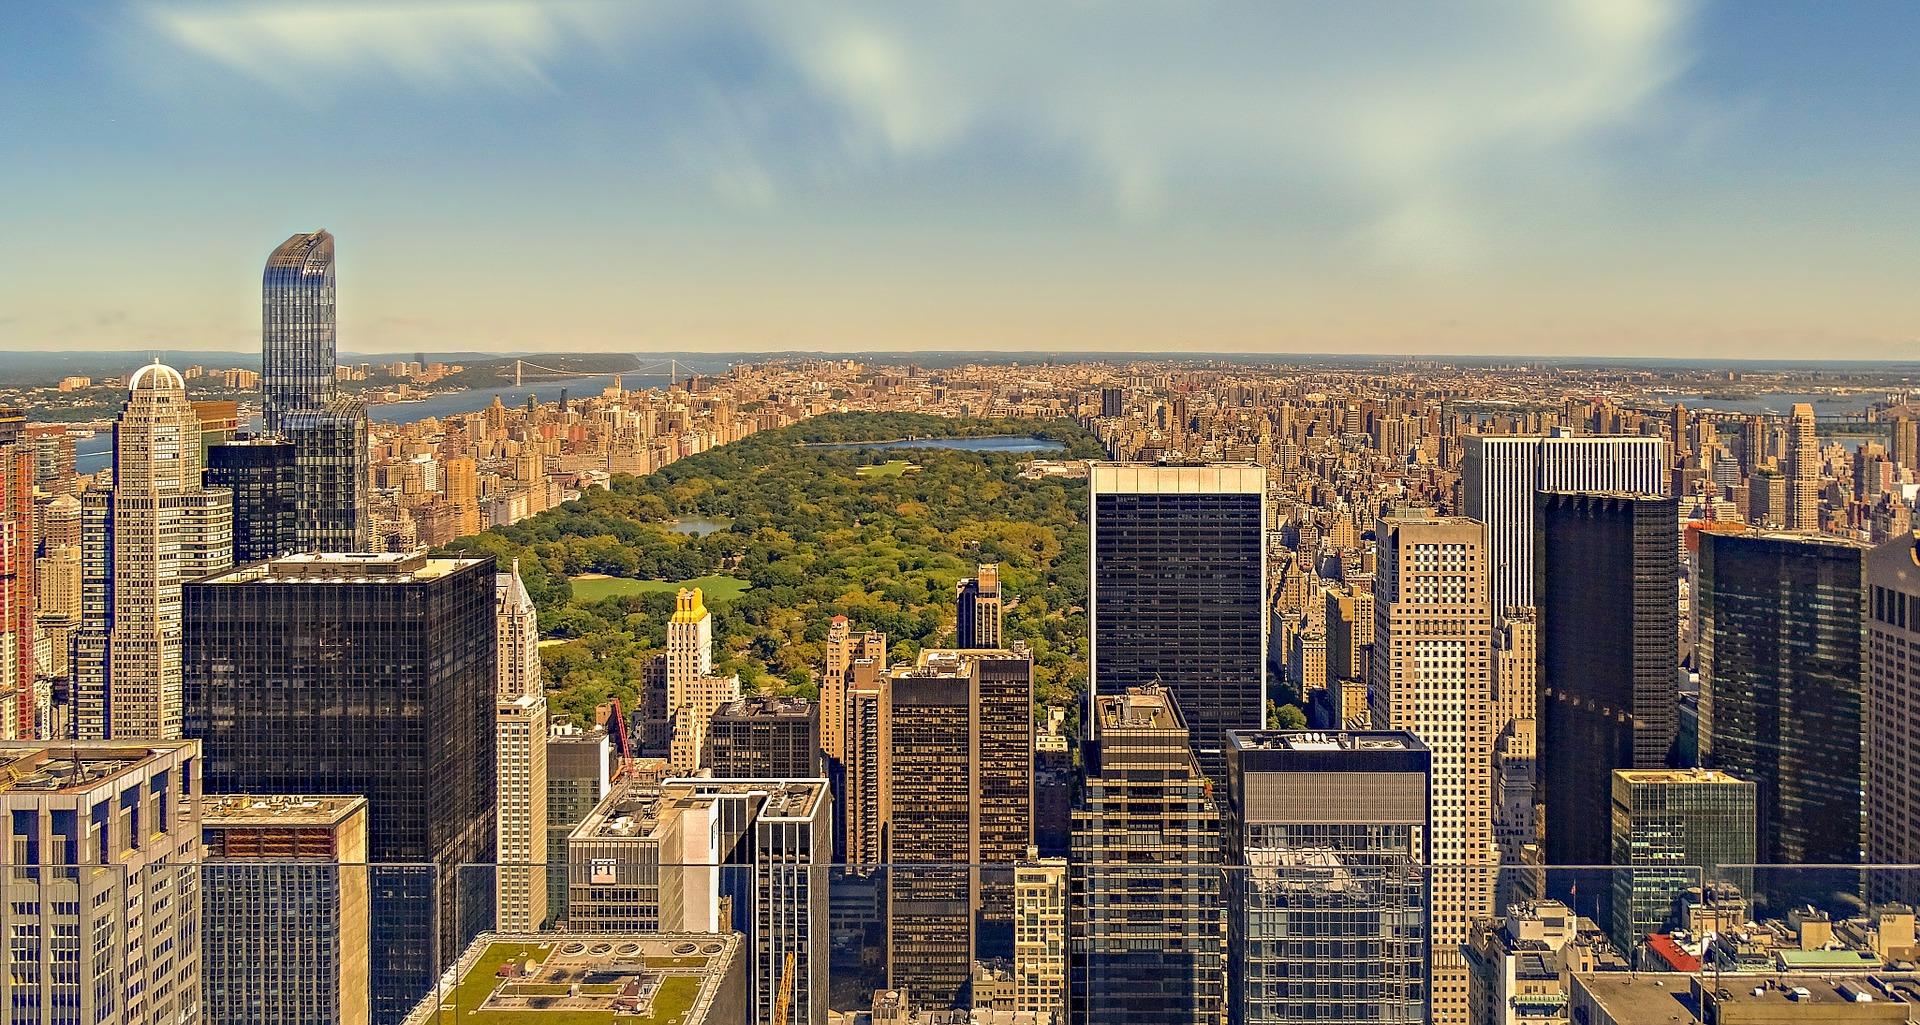 Urlaub in der Weltstadt New York ab 249,97€ - günstige Städtereisen